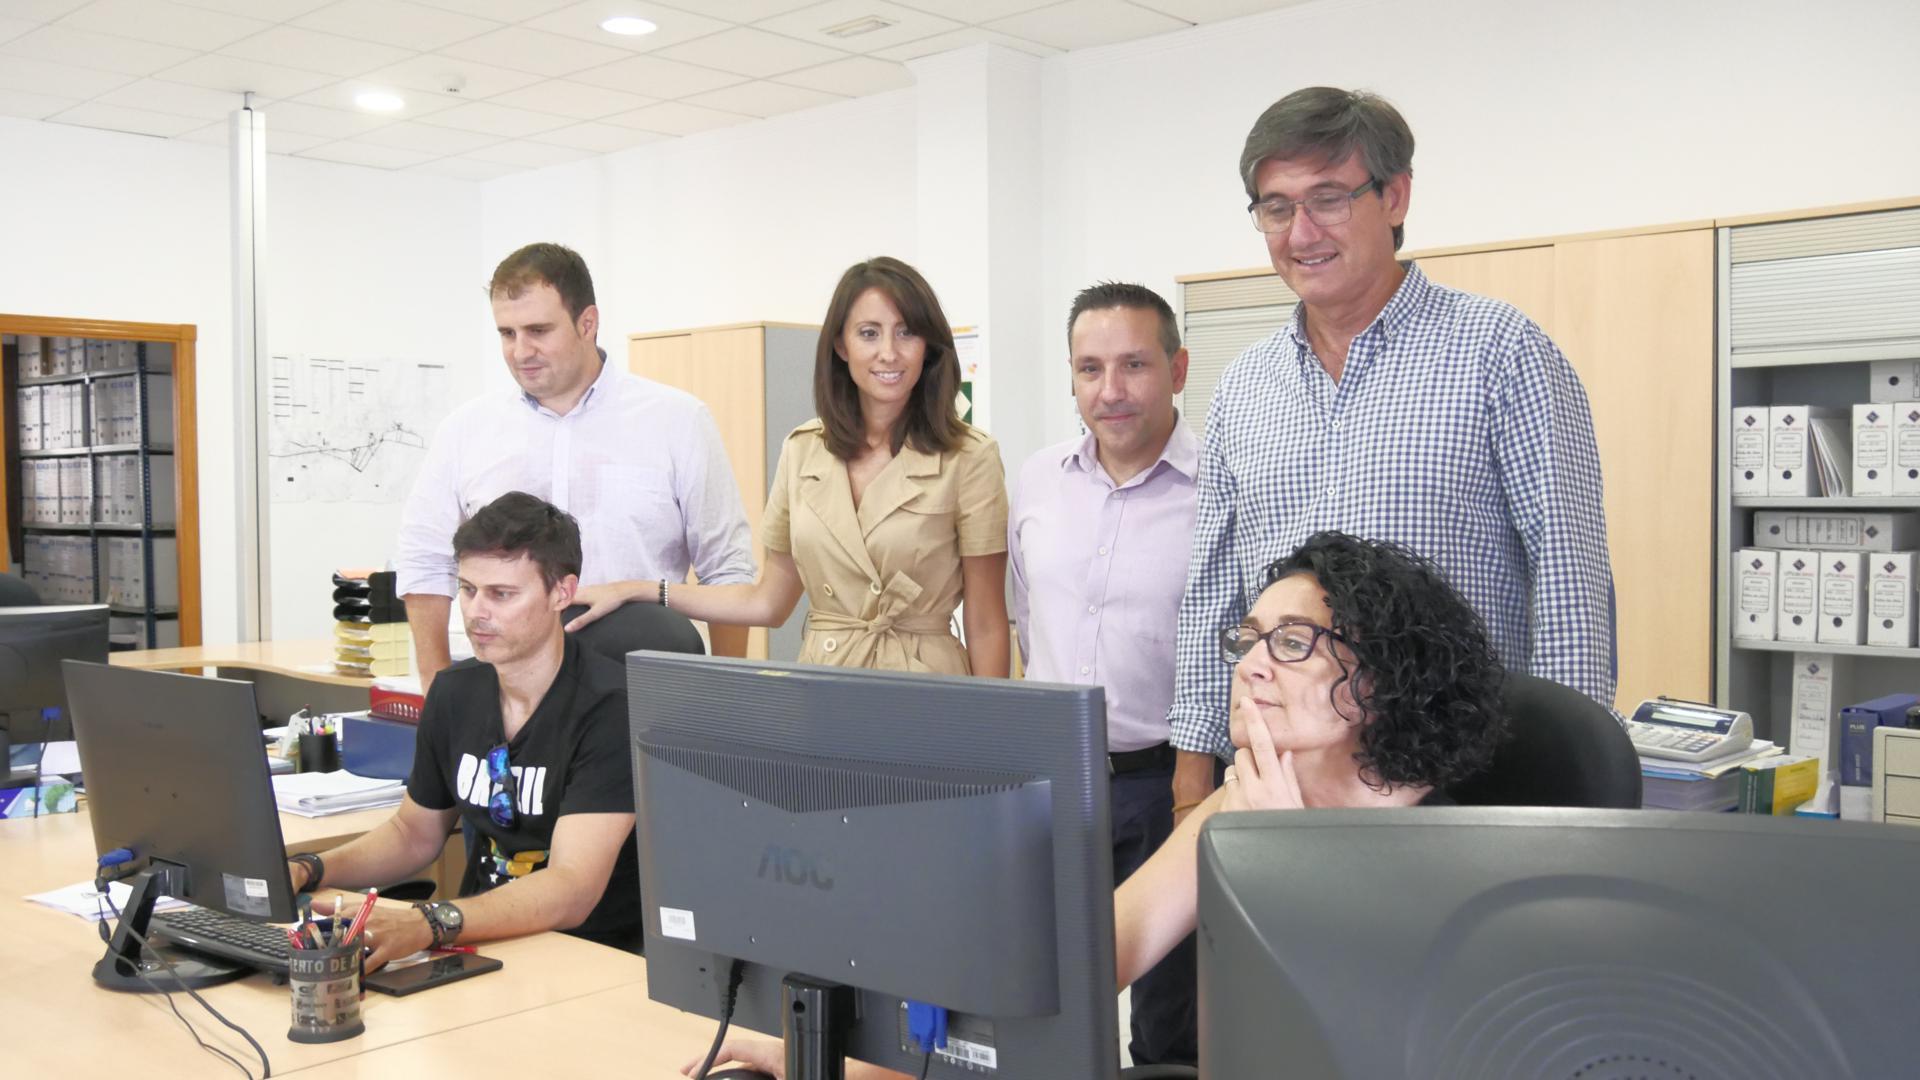 Adra destina 400.000 euros a modernizar la administración y permitir realizar gestiones desde casa